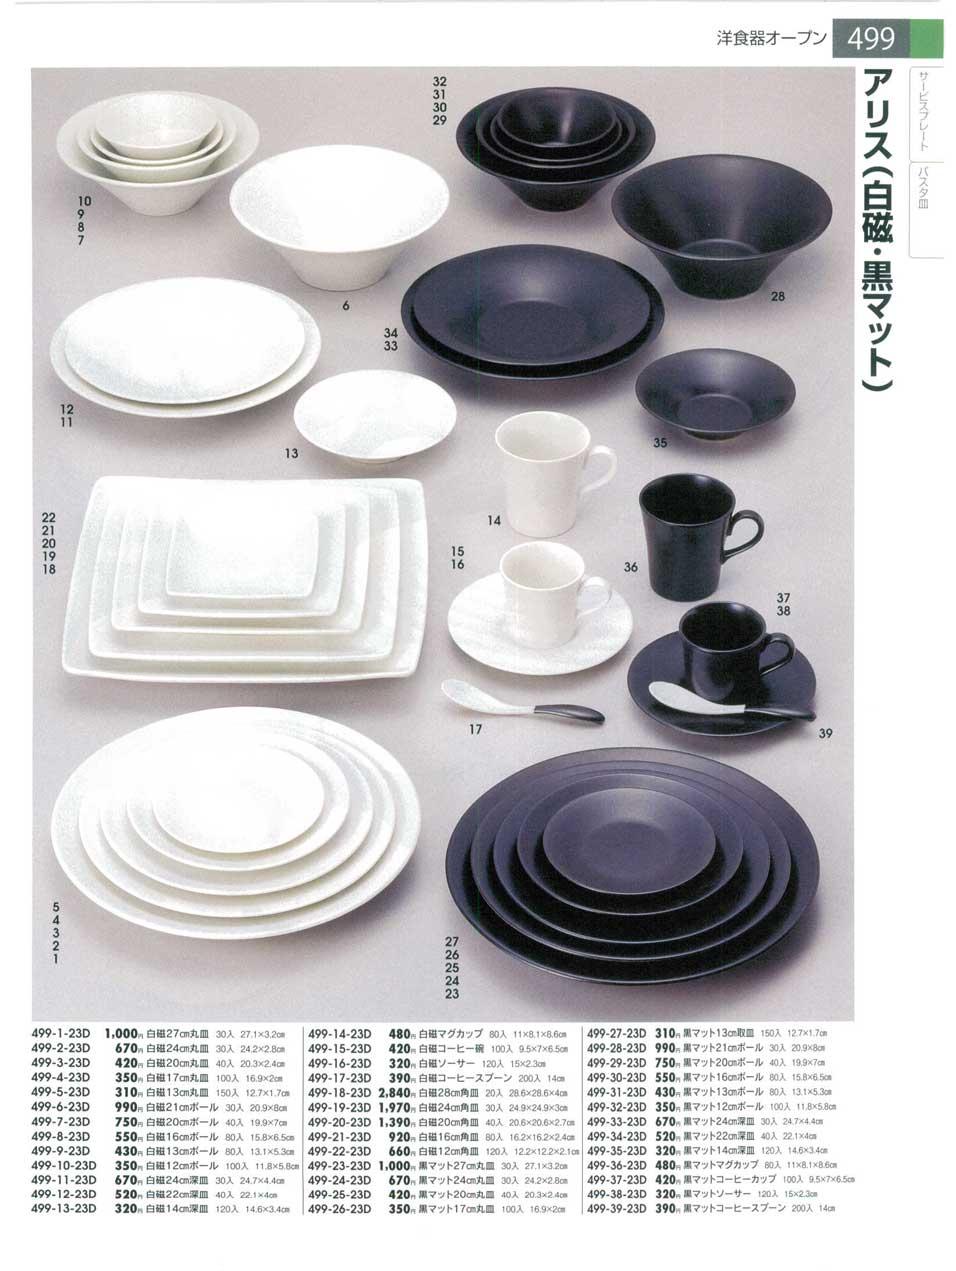 白磁の食器セット(華浪漫)の画像